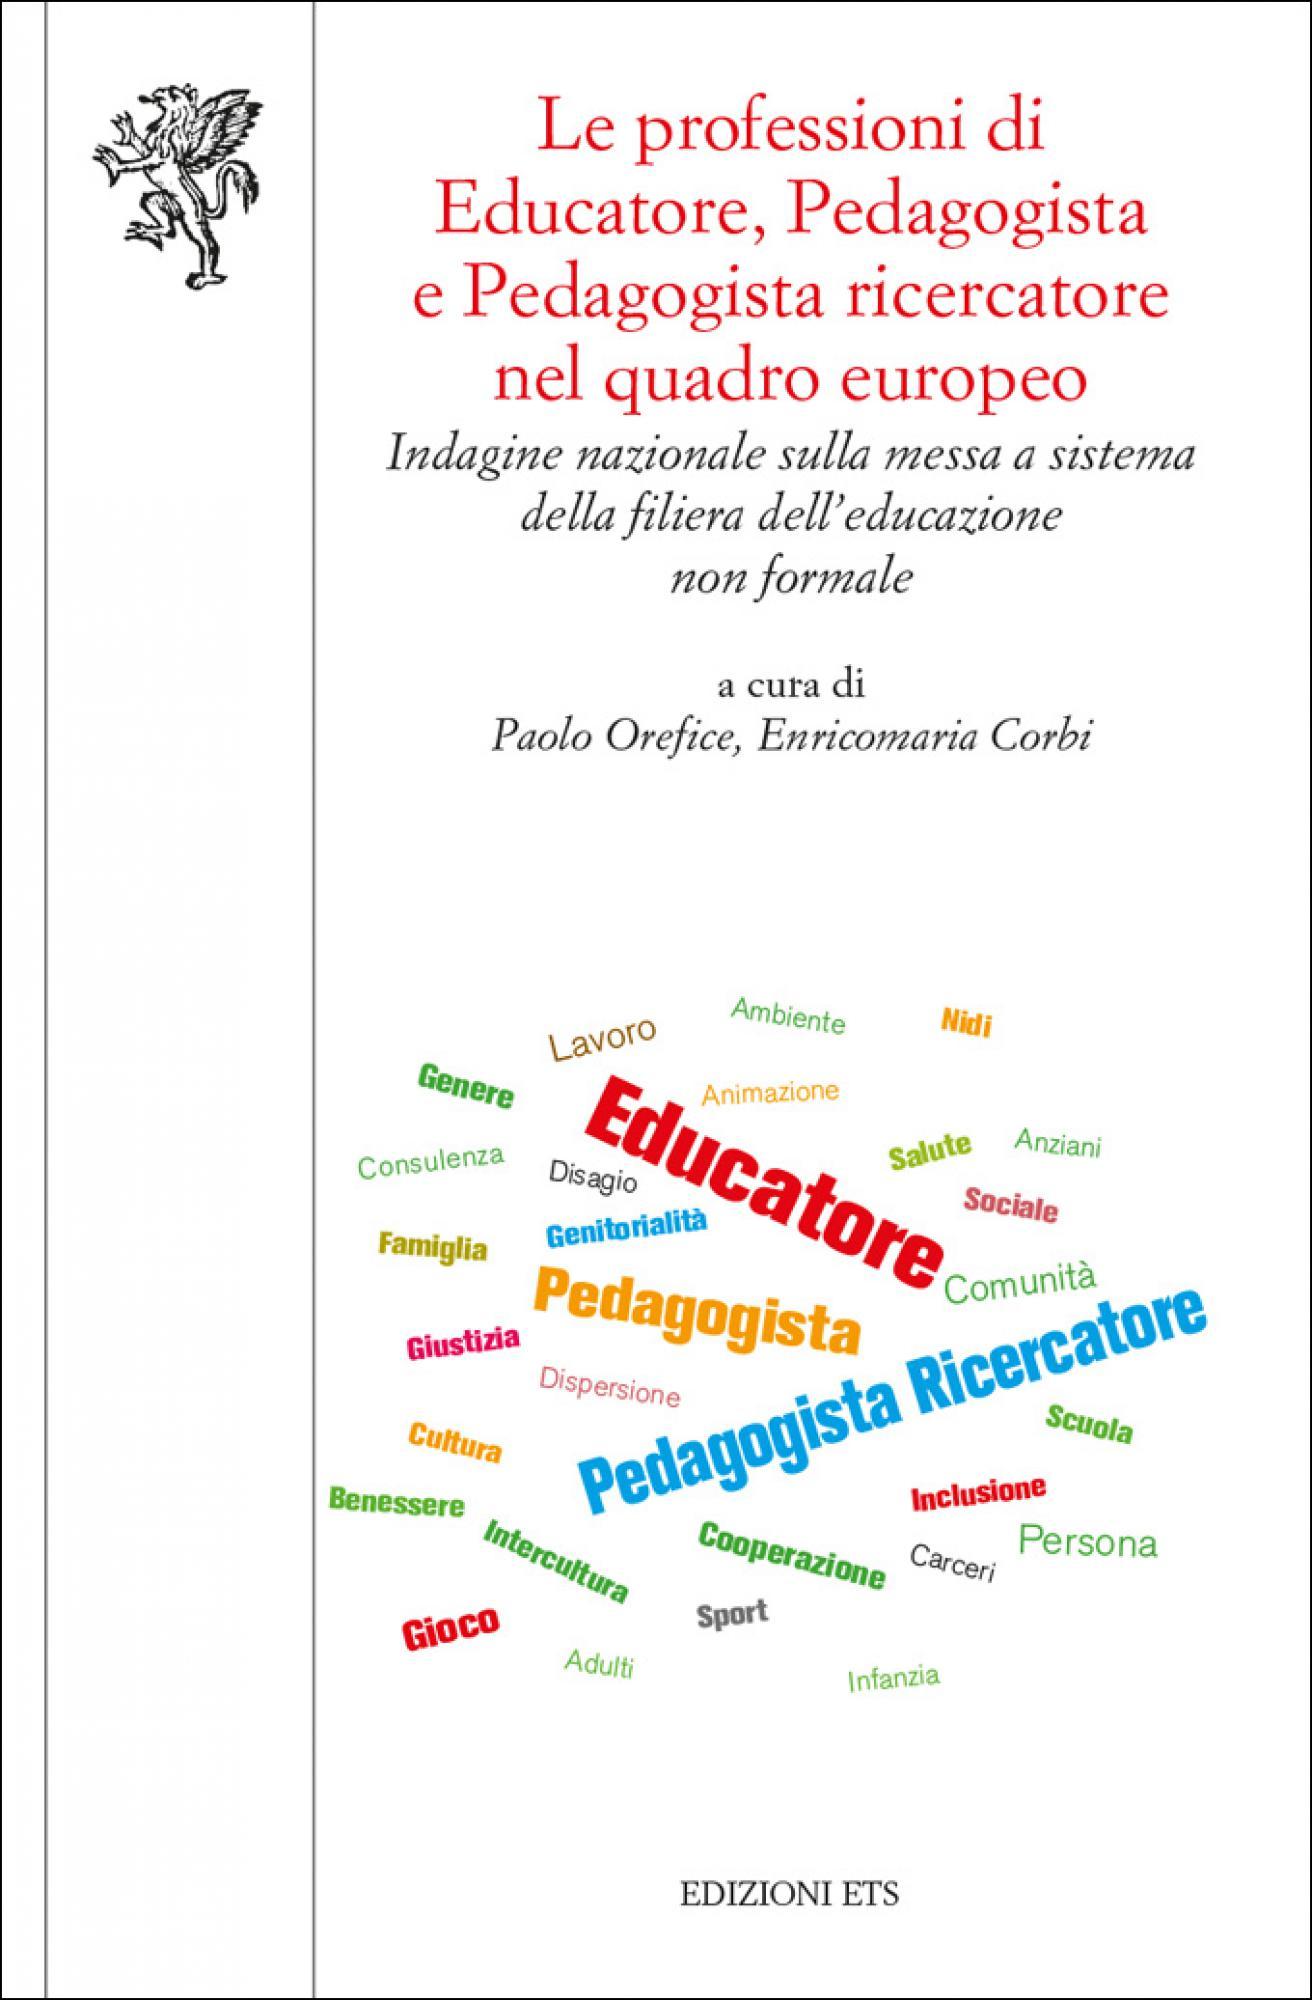 Le professioni di Educatore, Pedagogista e Pedagogista ricercatore nel quadro europeo.Indagine nazionale sulla messa a sistema della filiera dell'educazione non formale